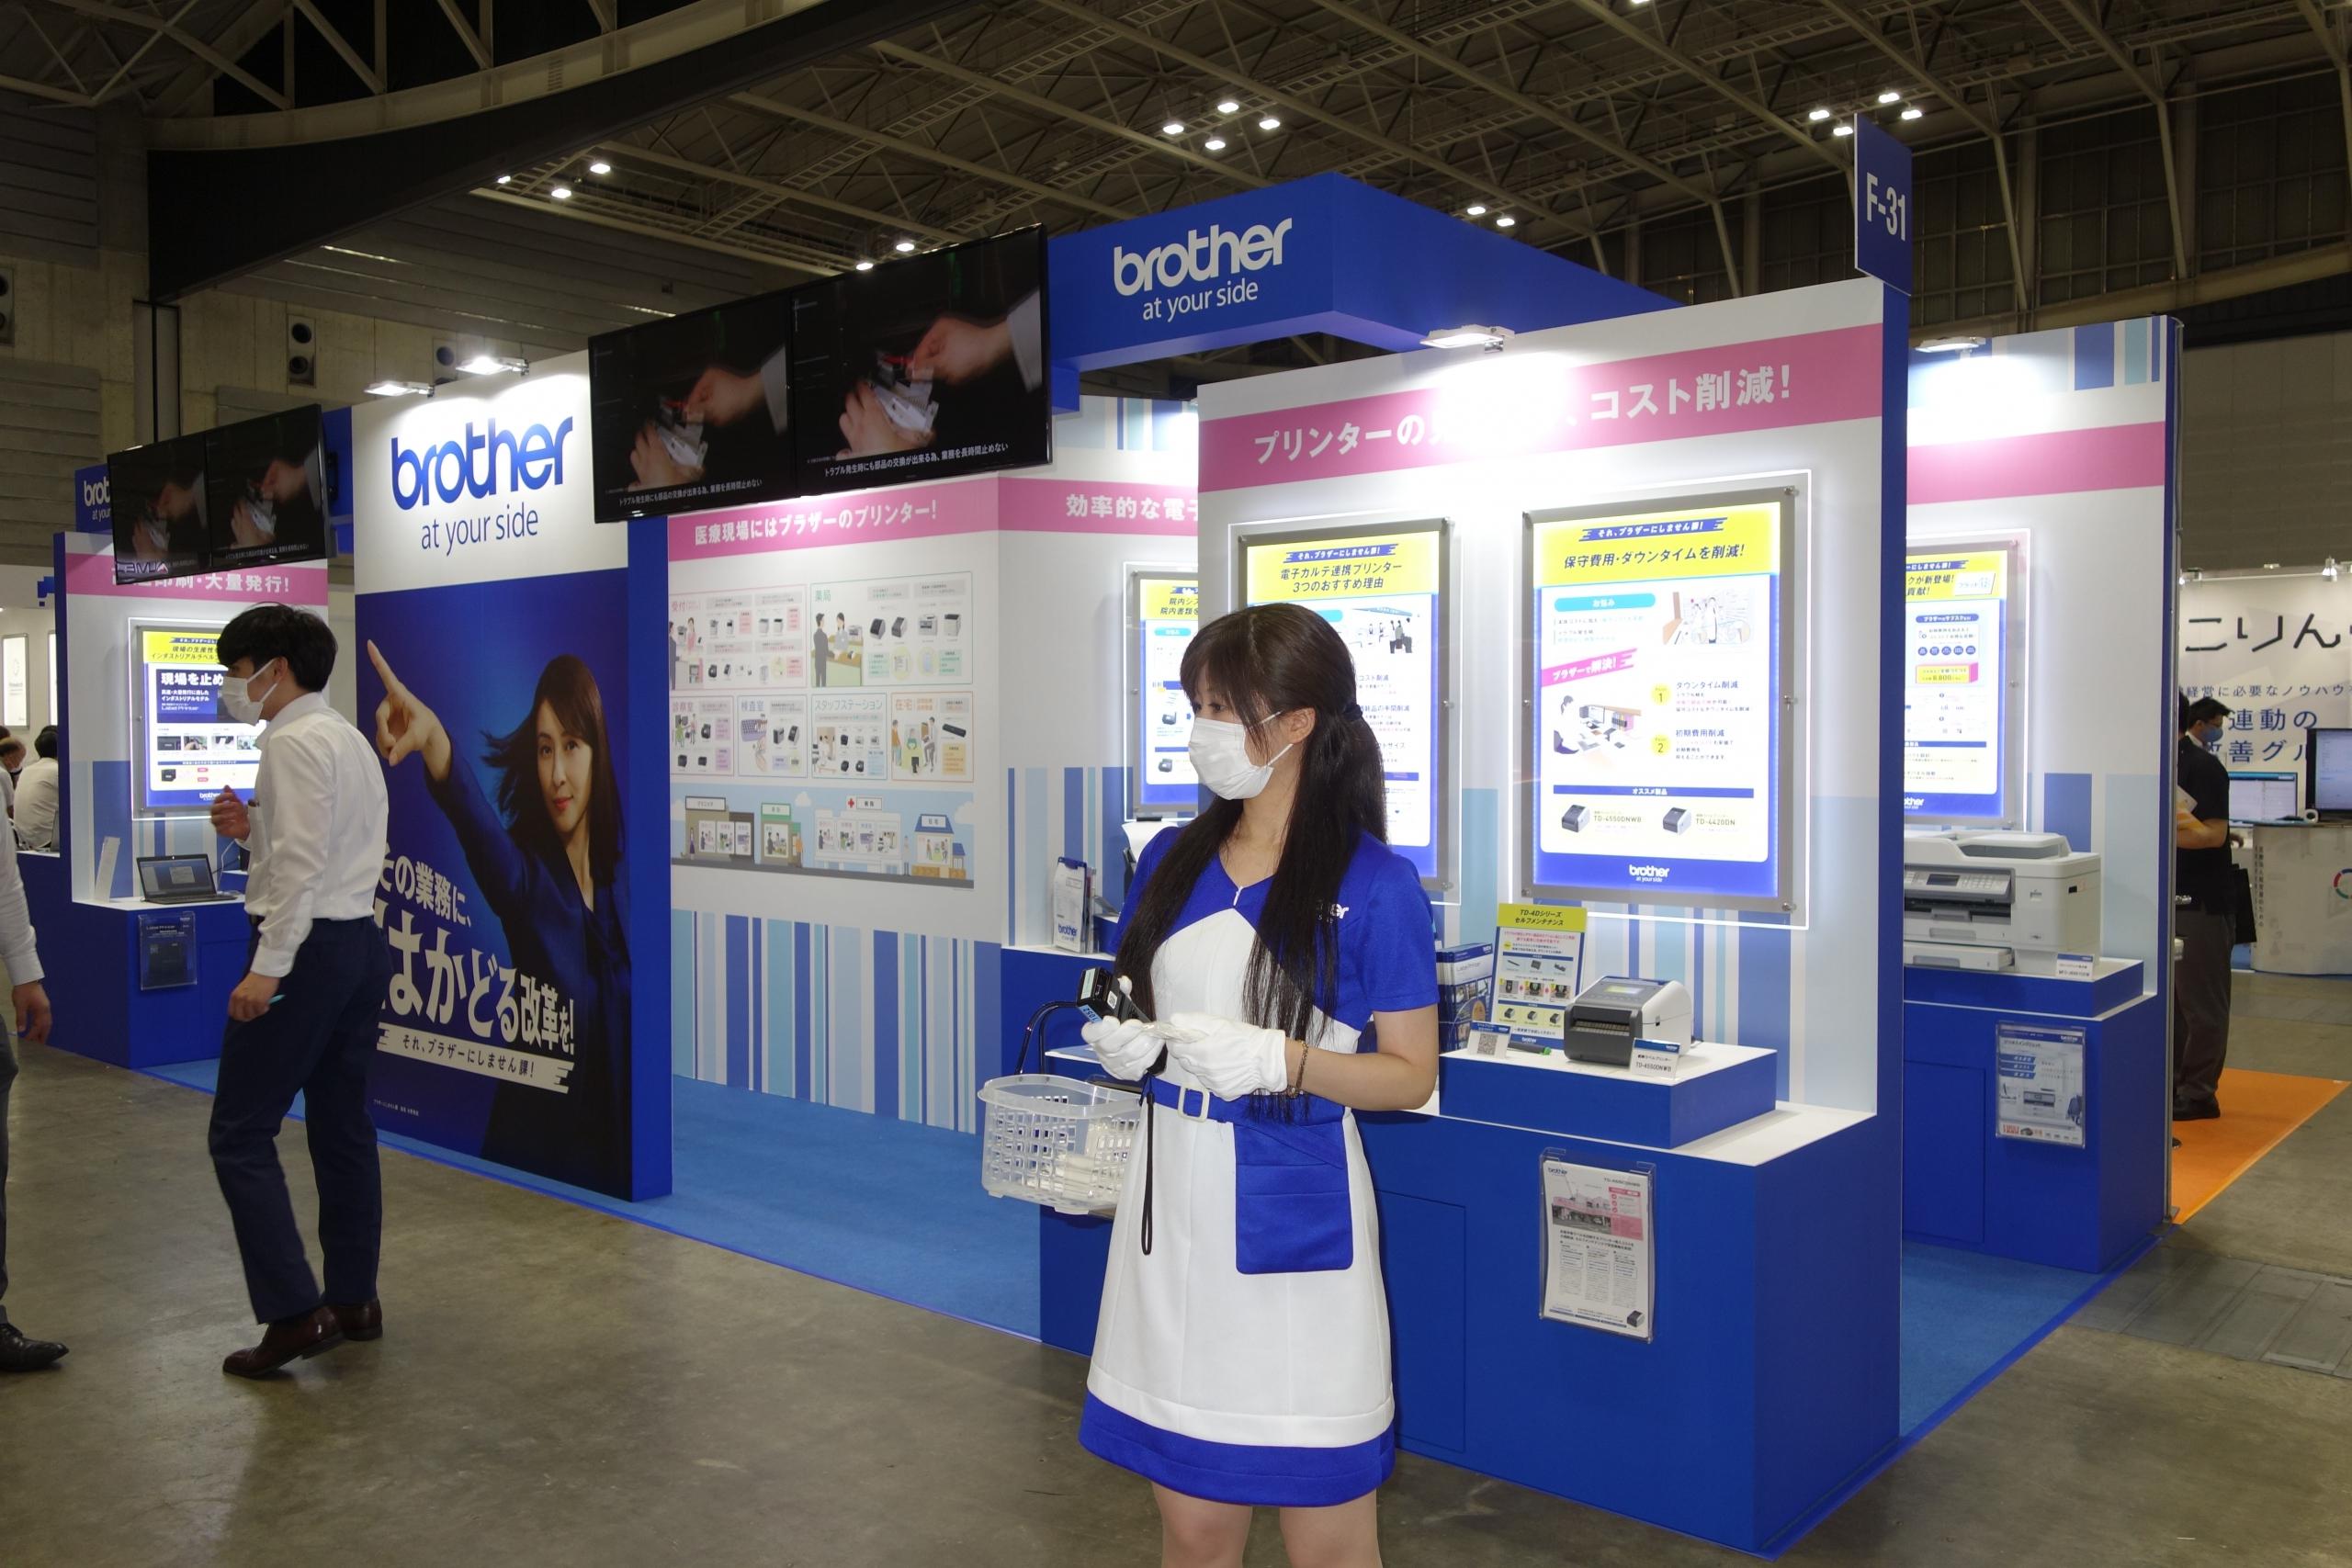 ブラザー販売/プリンター関連の一元化で、医療現場の業務の効率化とコスト削減を実現